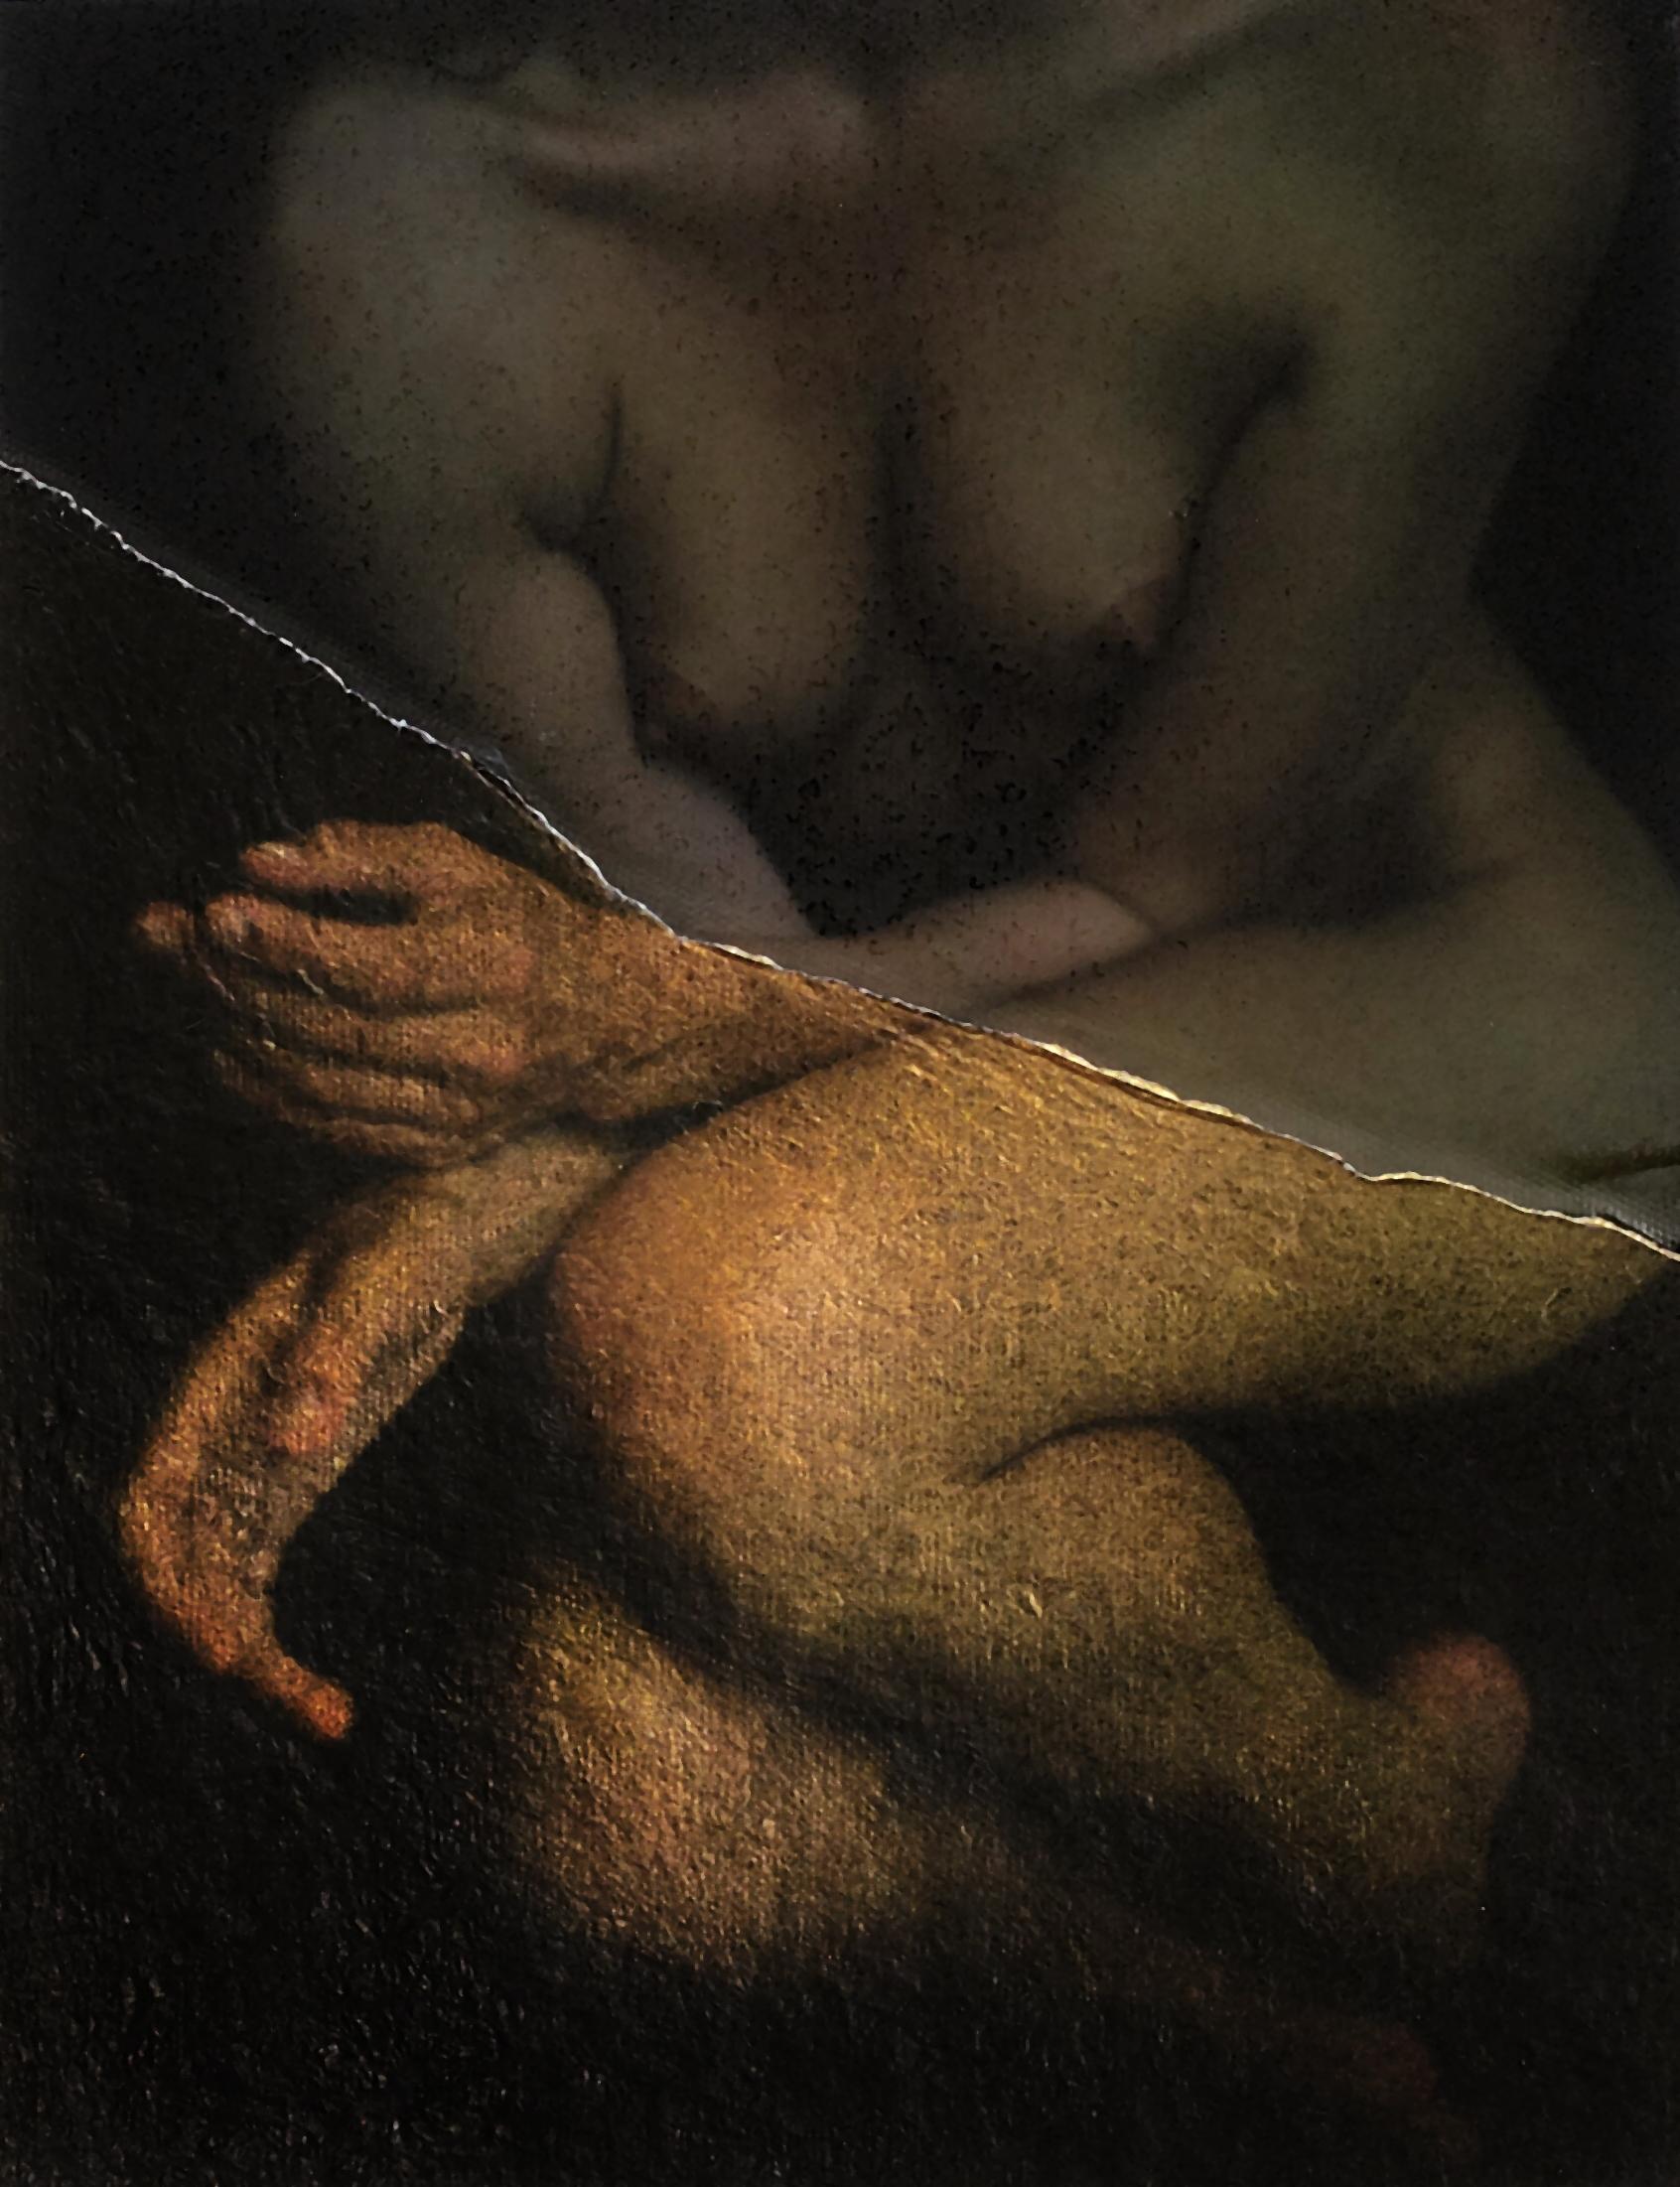 By Fabien-Dettori